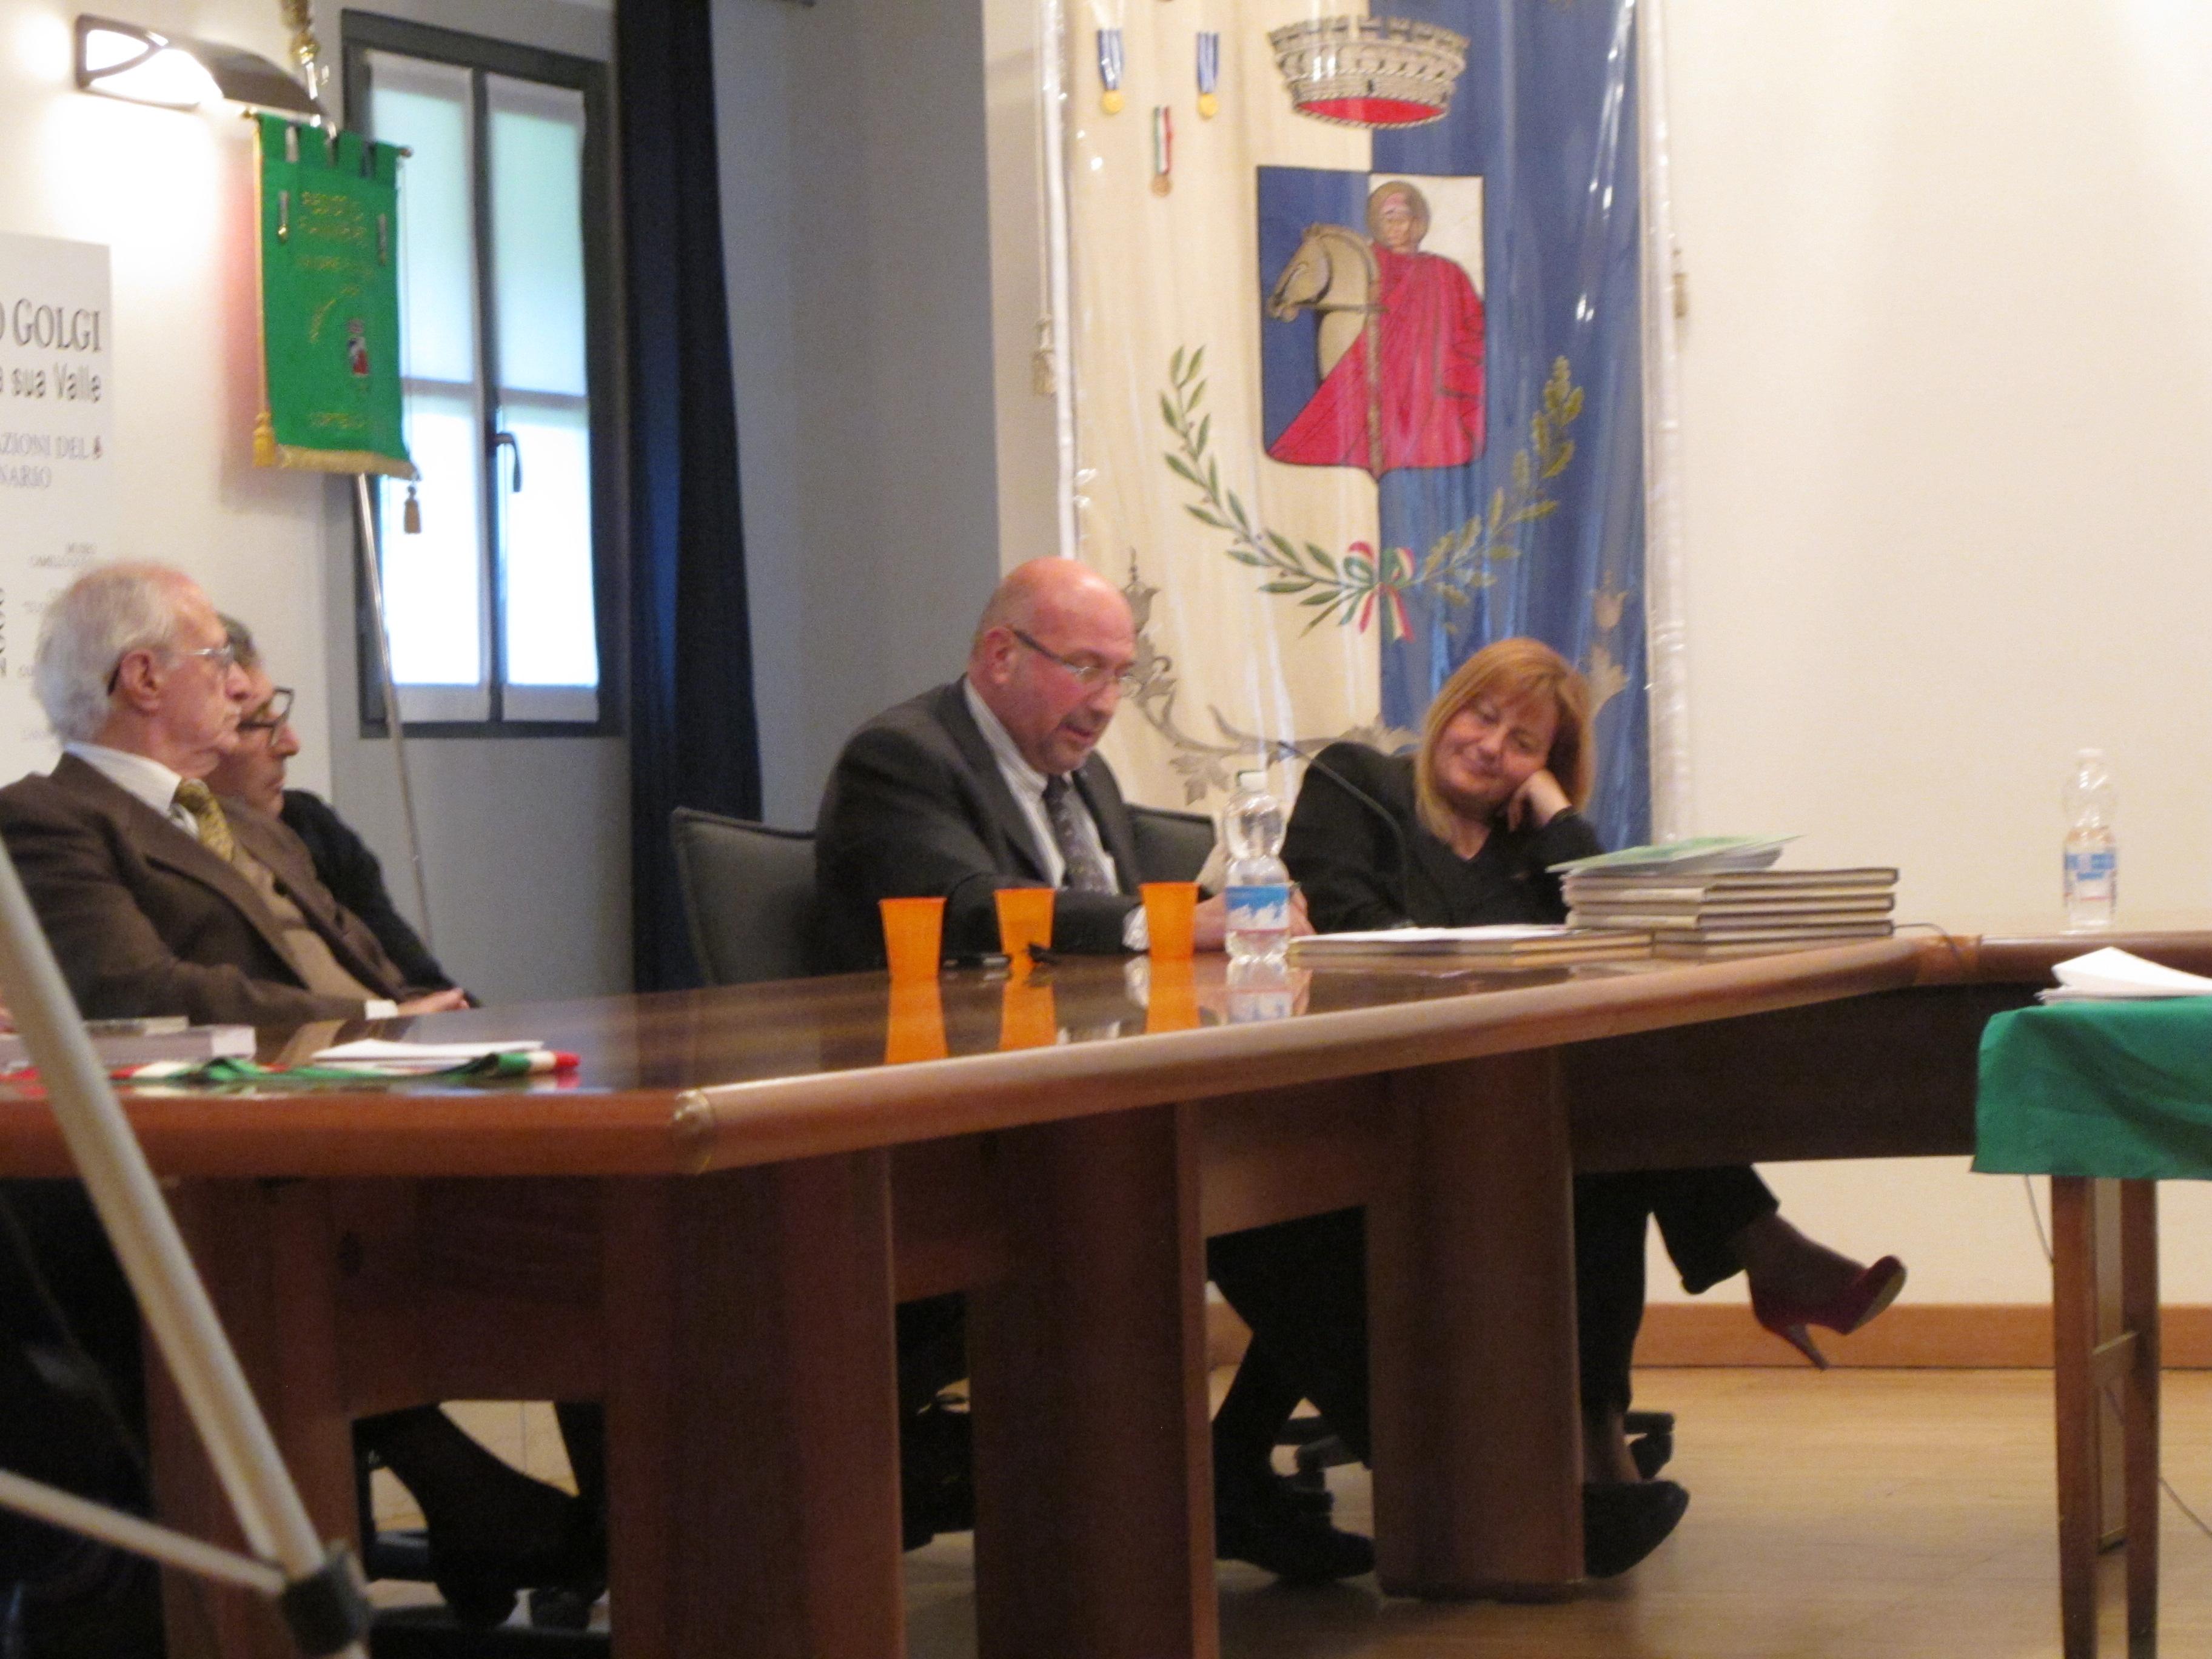 39_convegno Resistenza seme dell'Europa a Corteno Golgi